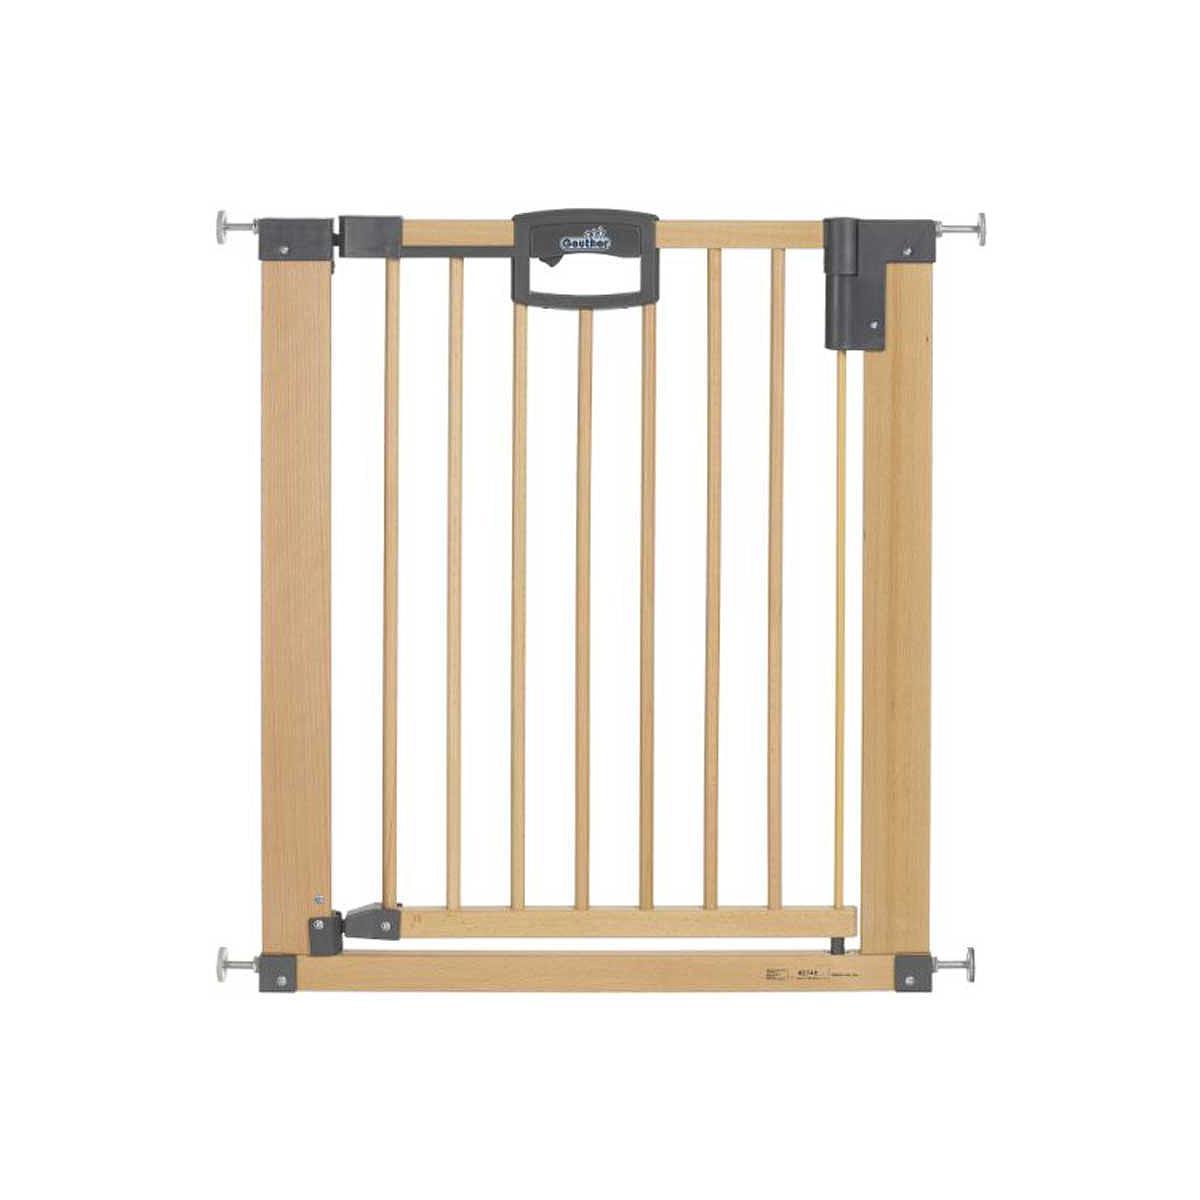 Barrière de sécurité 80,5-88,5 cm EASYLOCK Geuther bois - argenté